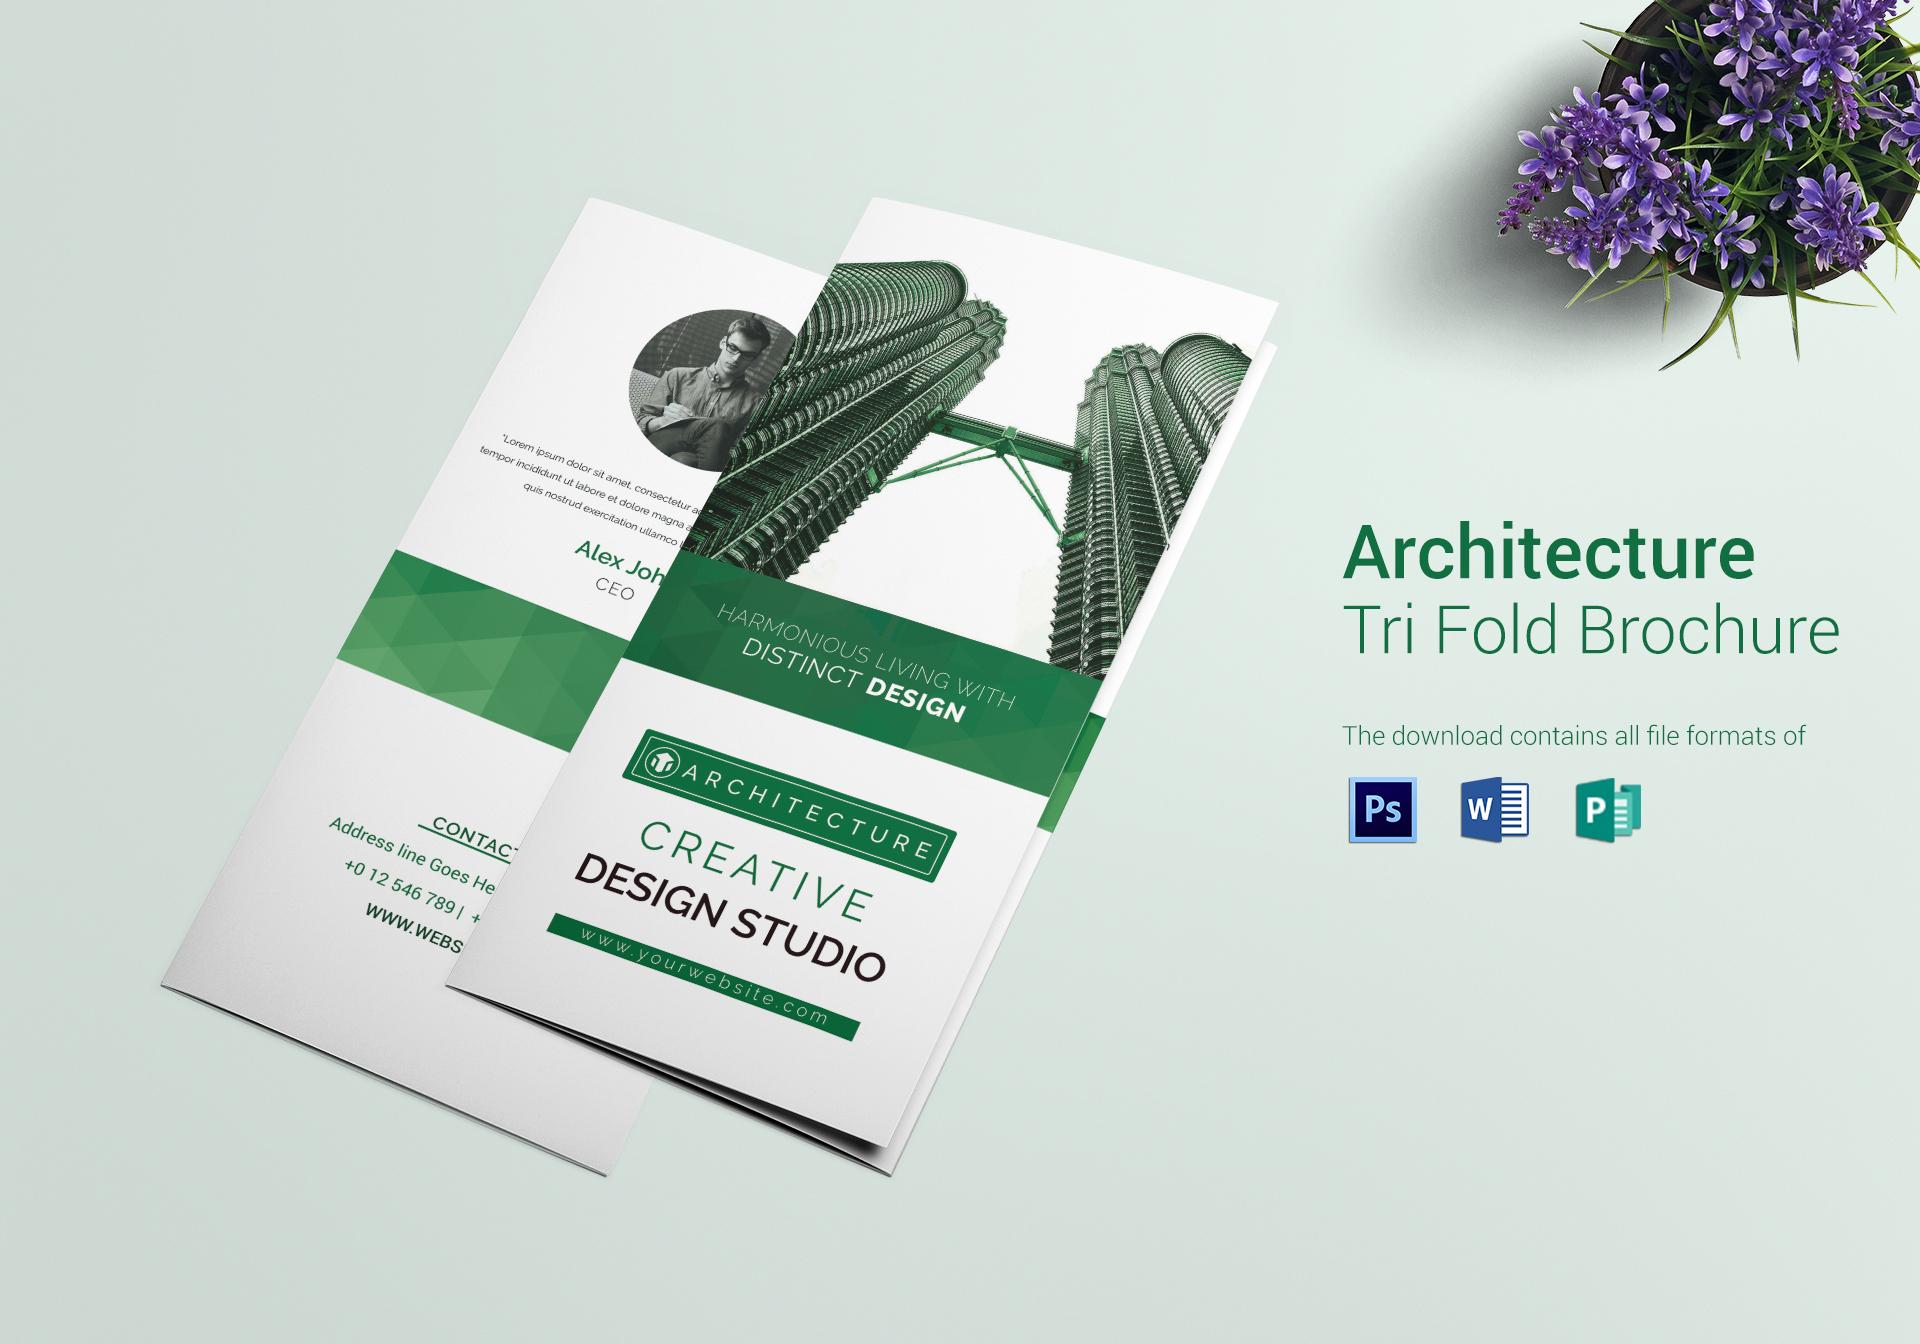 designing a tri fold brochure